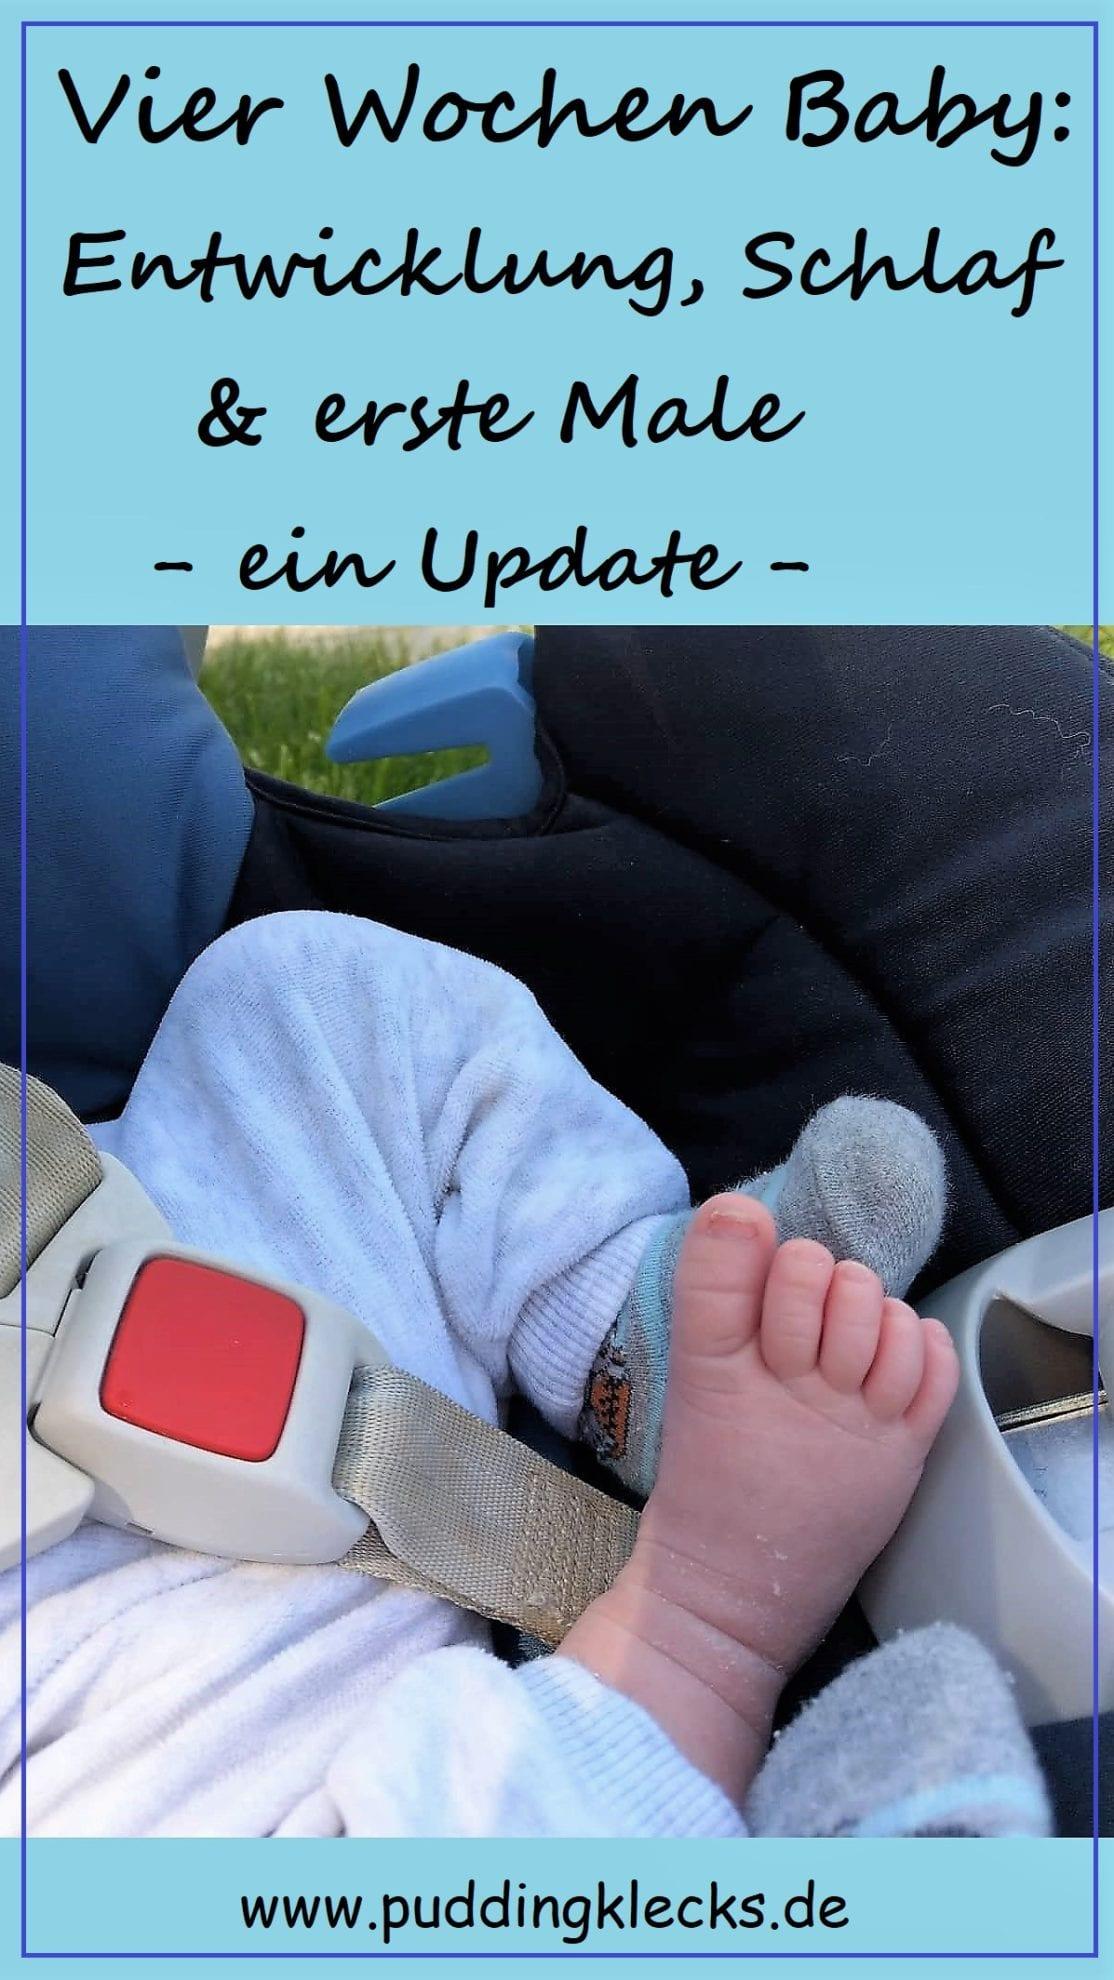 Babyupdate, Entwicklung mit vier Wochen, Update, Schlafverhalten, Trinkverhalten, Allgemeines zum Baby, Mamablog